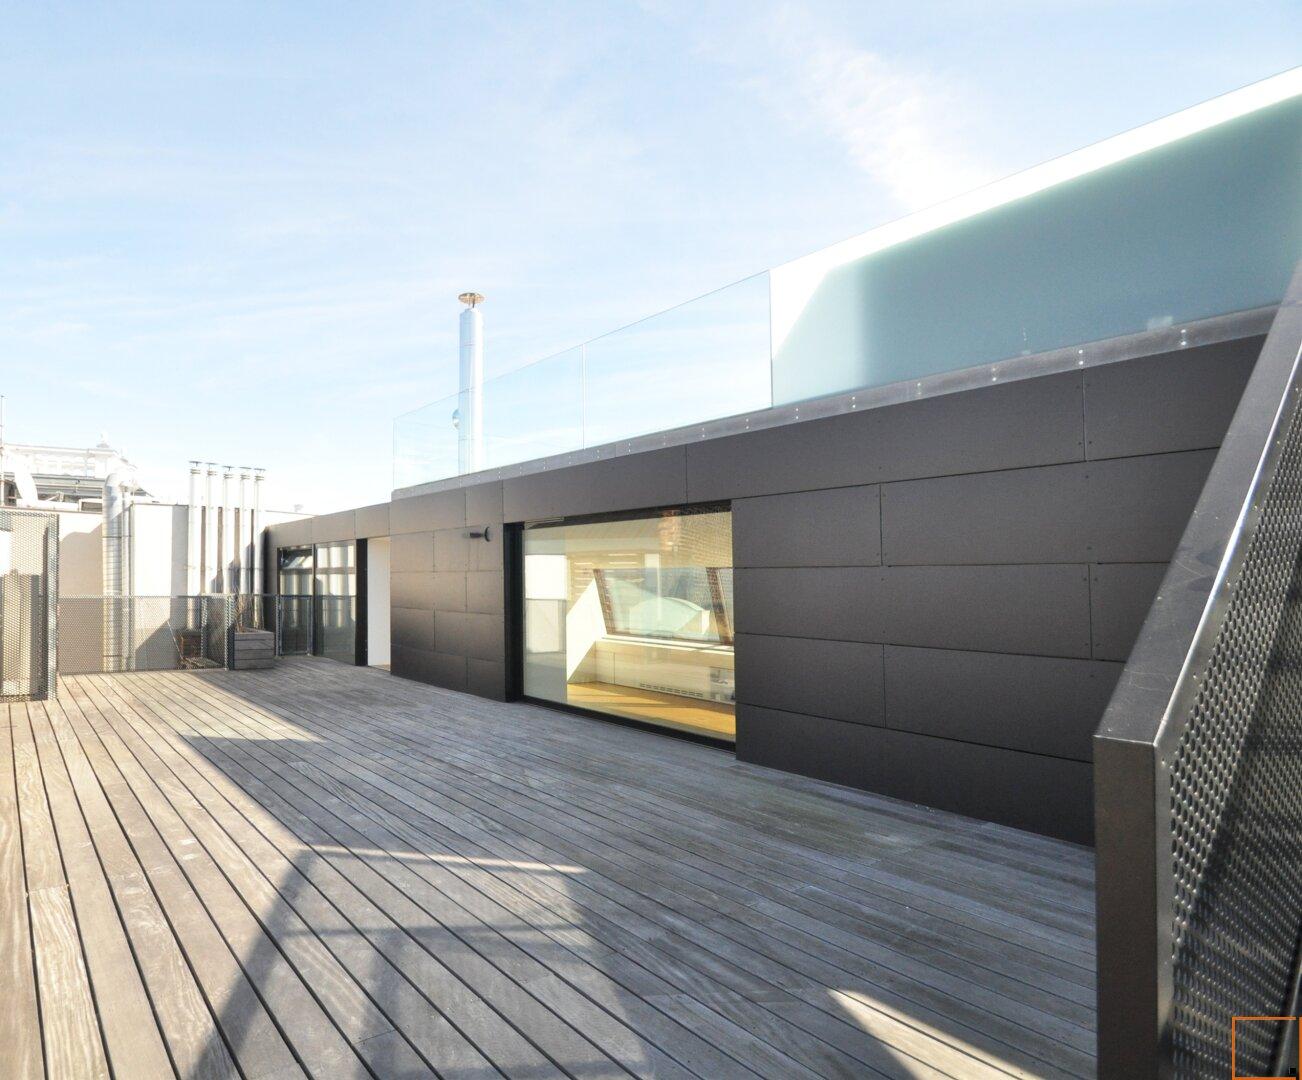 Terrasse auf Wohnniveau